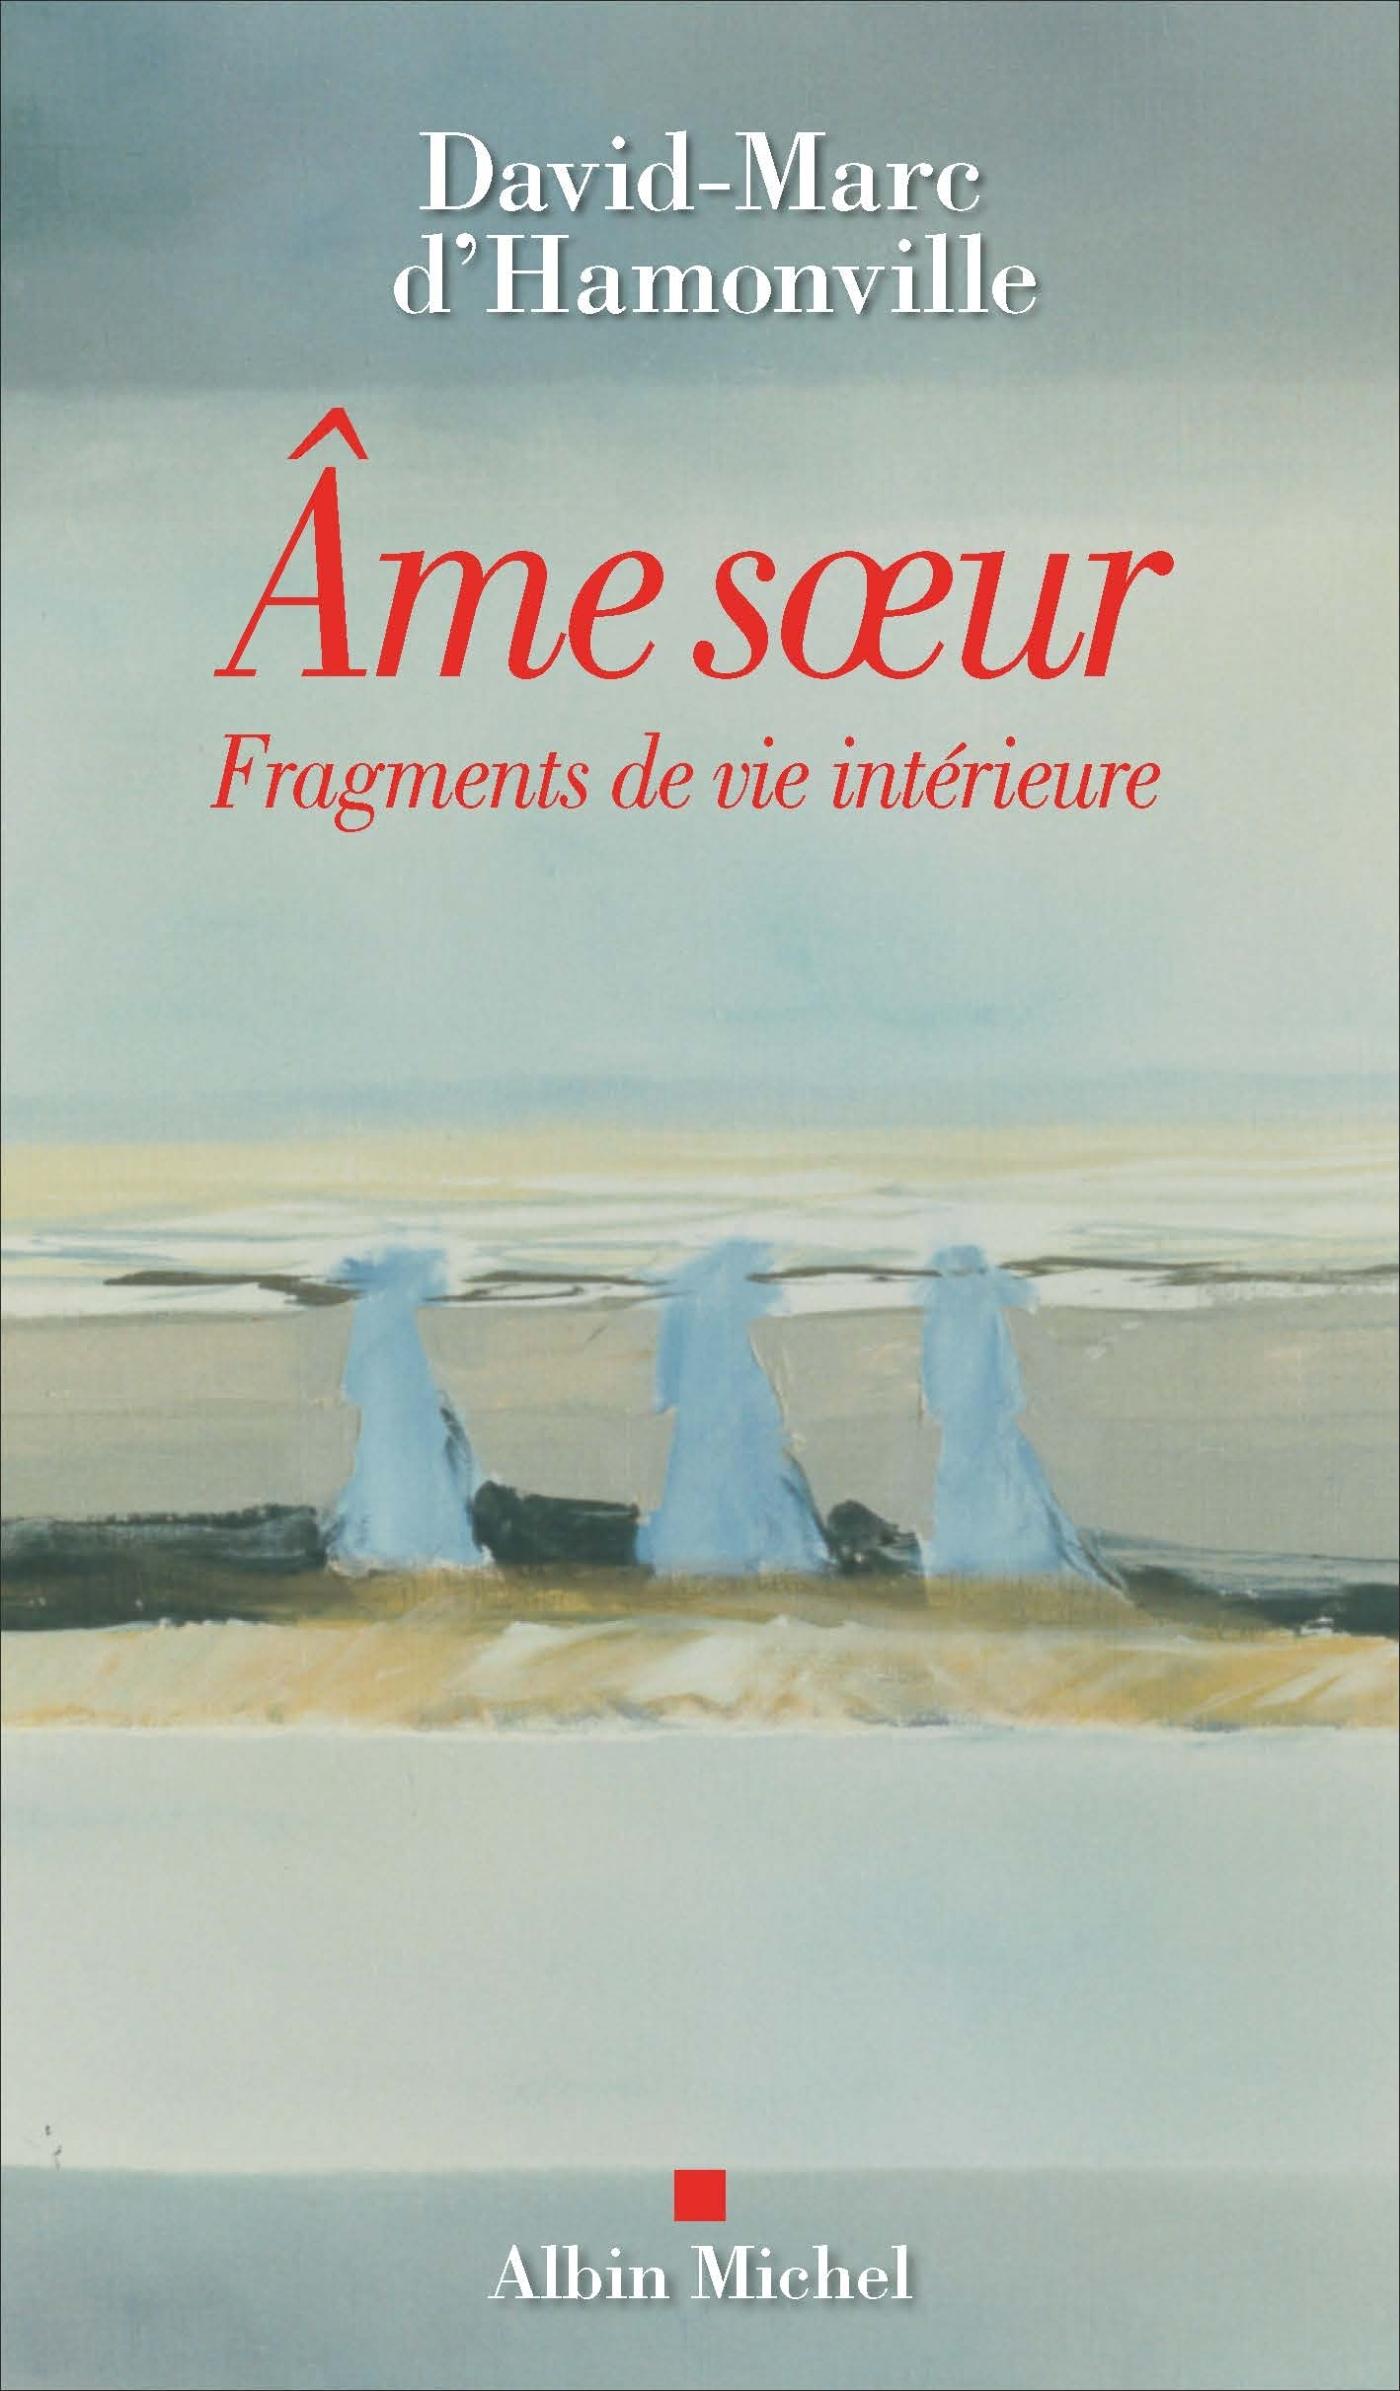 AME SOEUR - FRAGMENTS DE VIE INTERIEURE